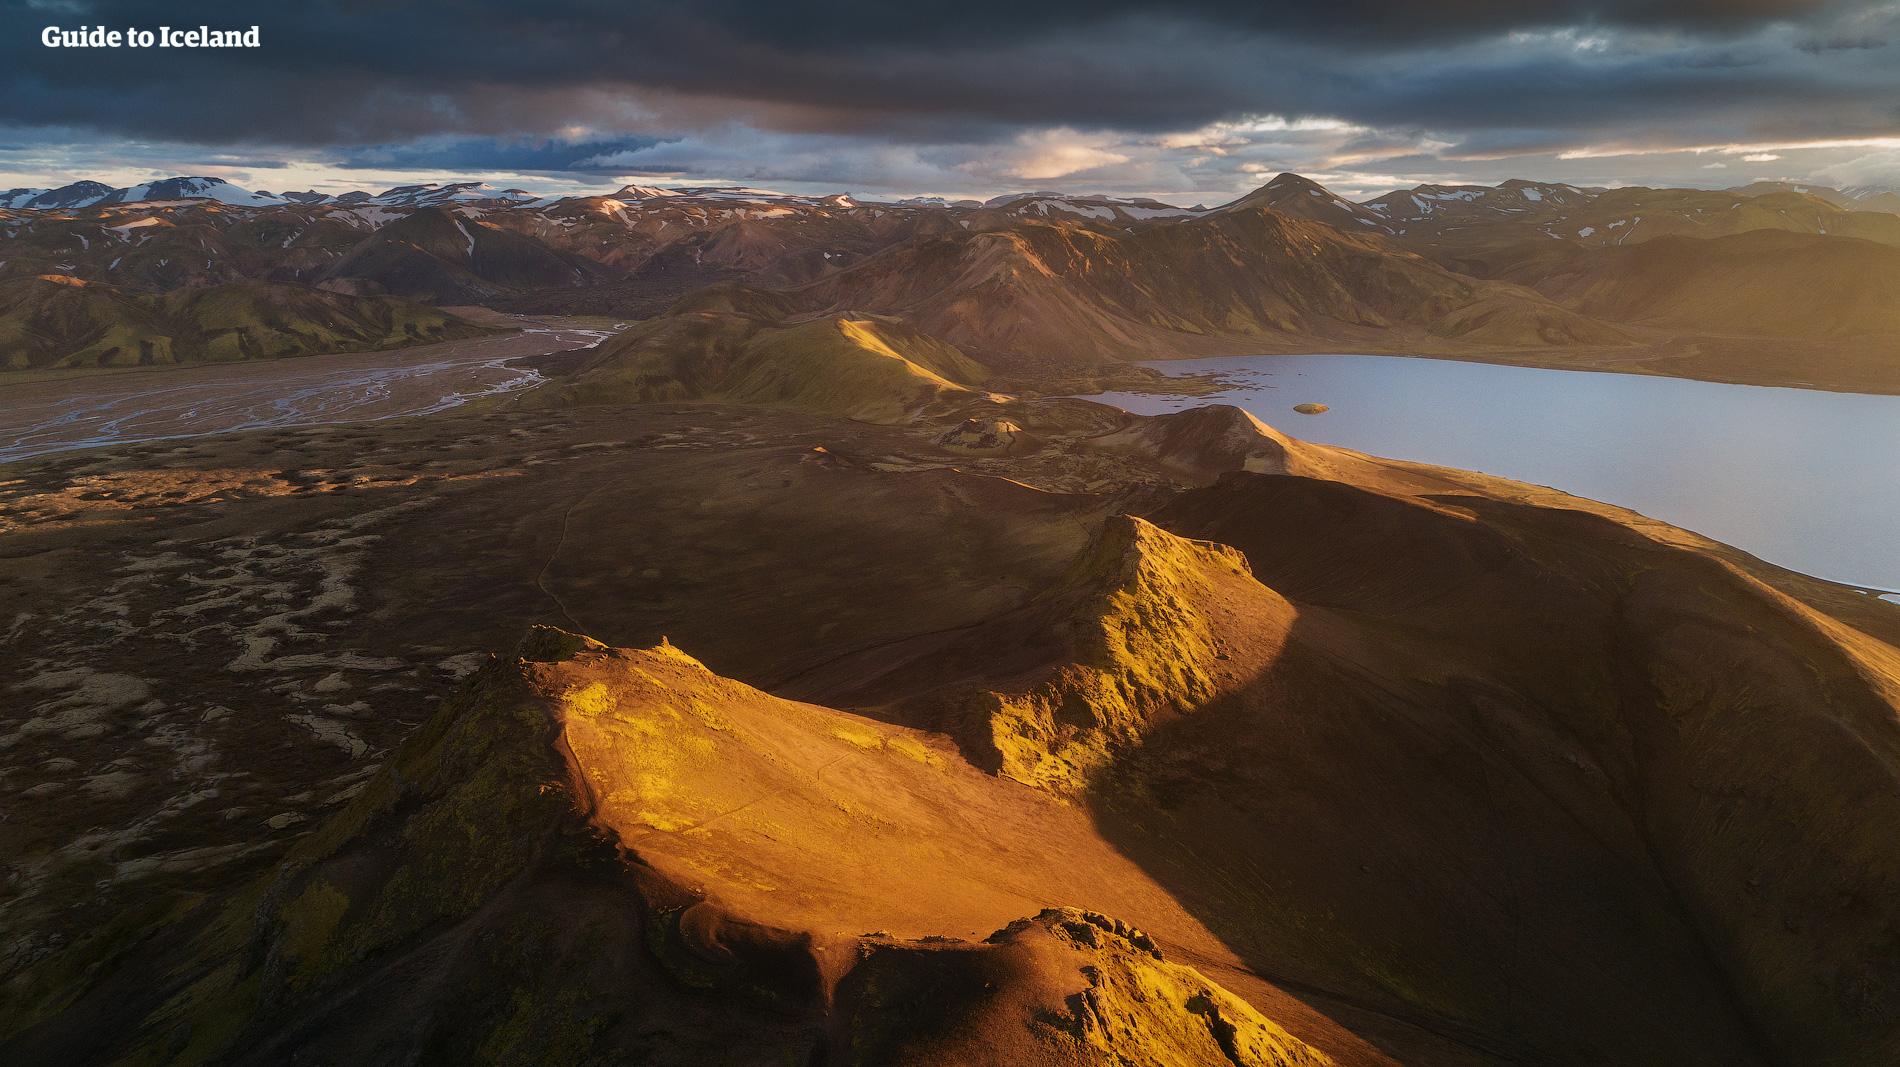 Montagnes dans les Hautes Terres islandaises.